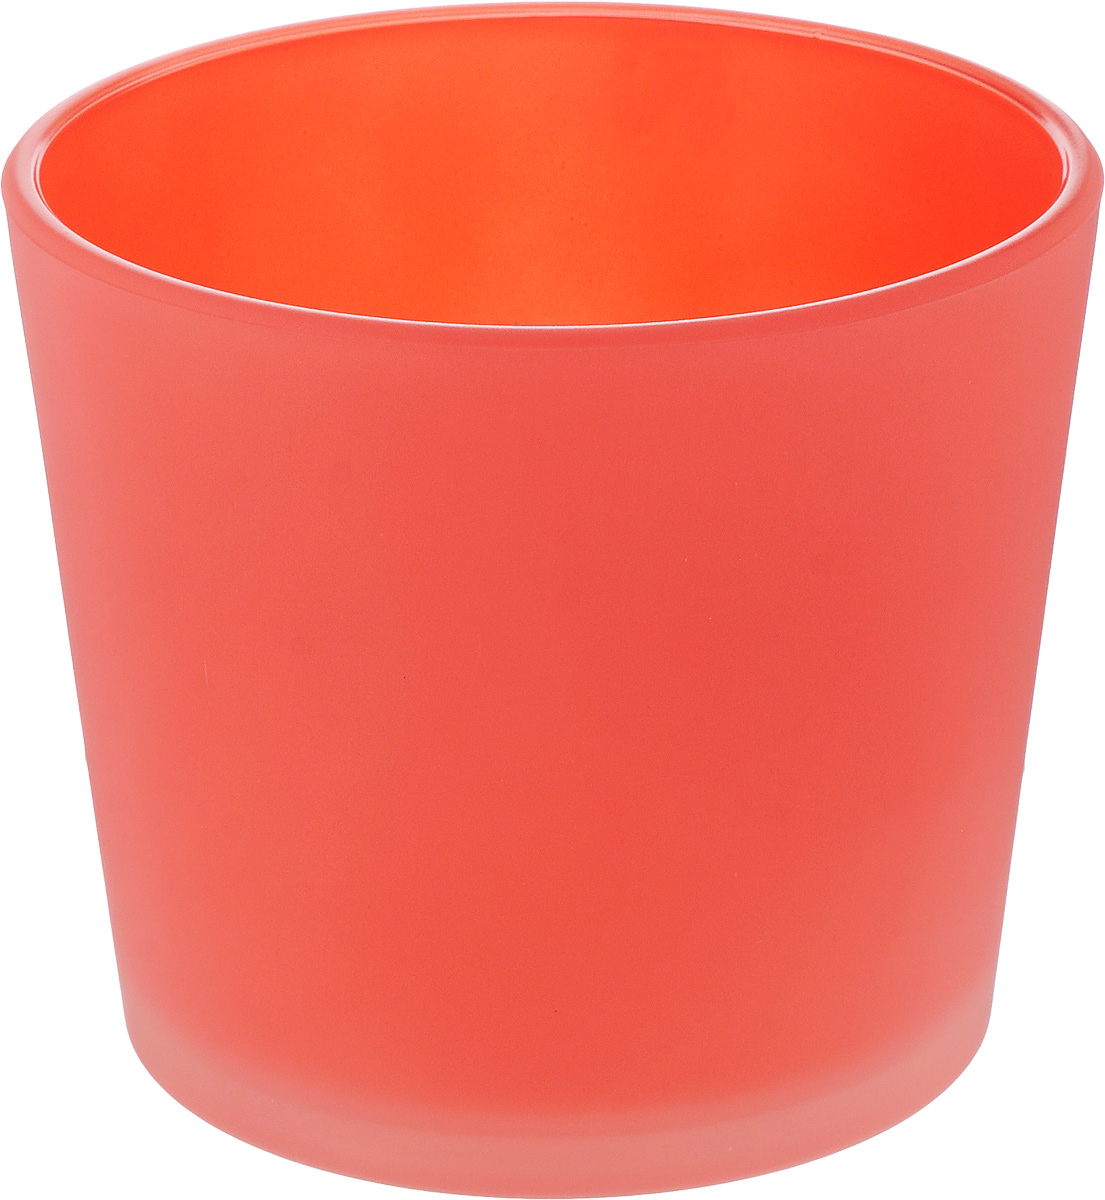 Кашпо NiNaGlass, цвет: коралловый, высота 12 см кашпо ninaglass цвет коралловый высота 12 см